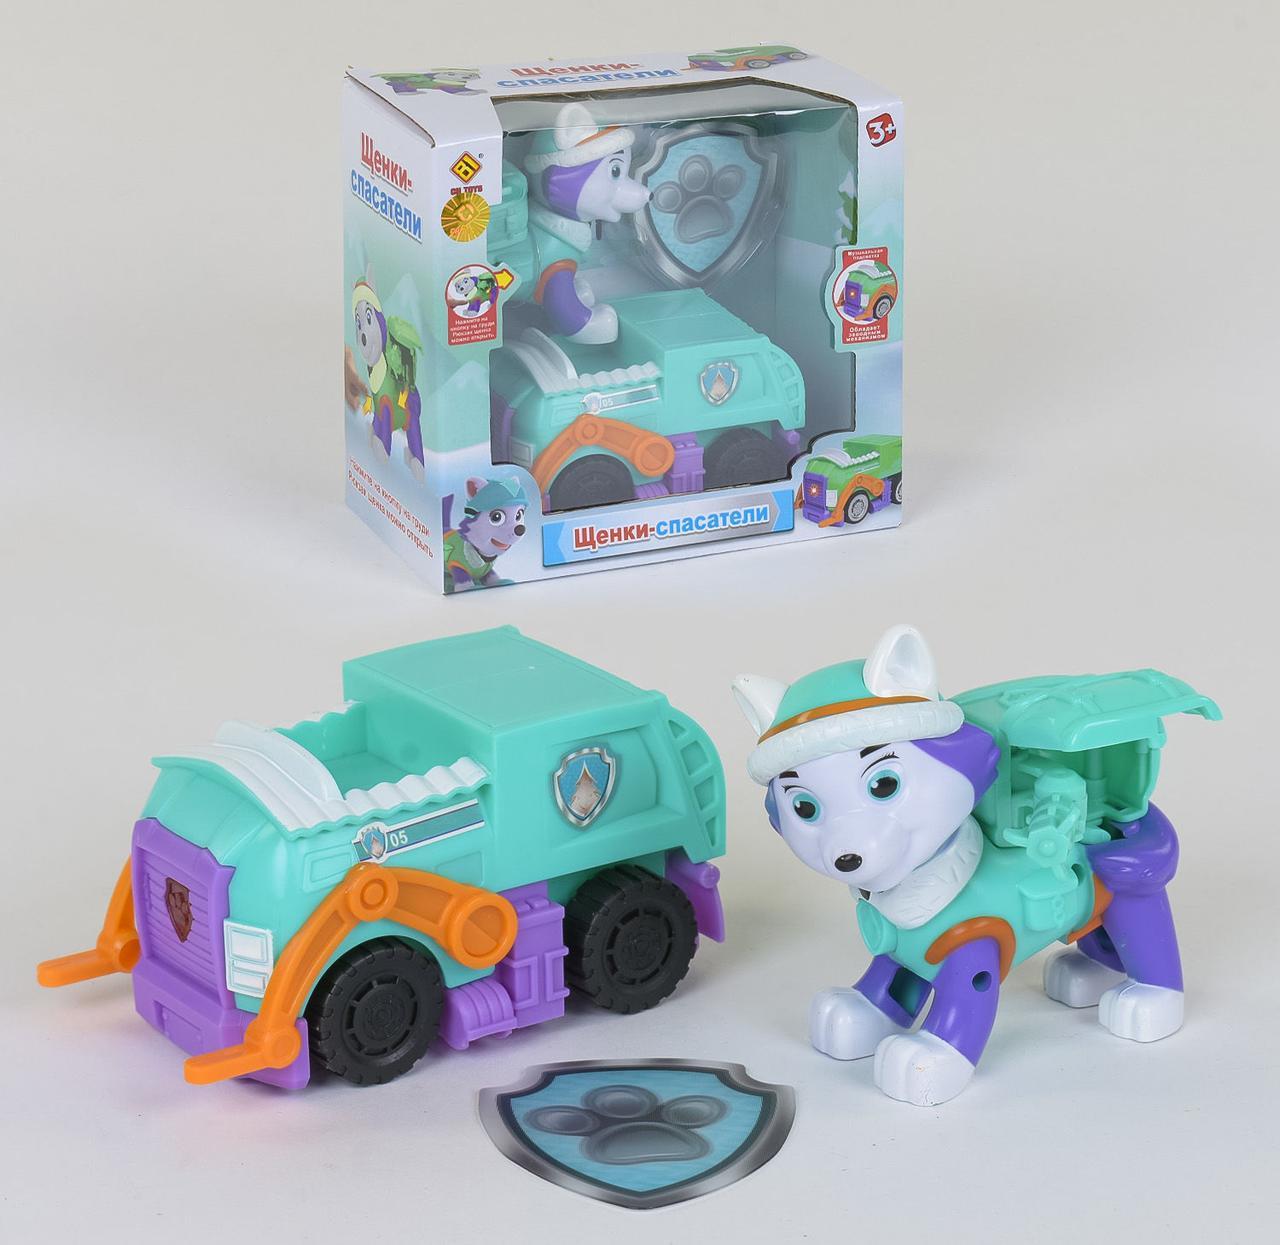 """Герой """"Патруль"""" щенки спасатели, инерция, музыкальная подсветка, на батарейке, в коробке JD 906 B"""